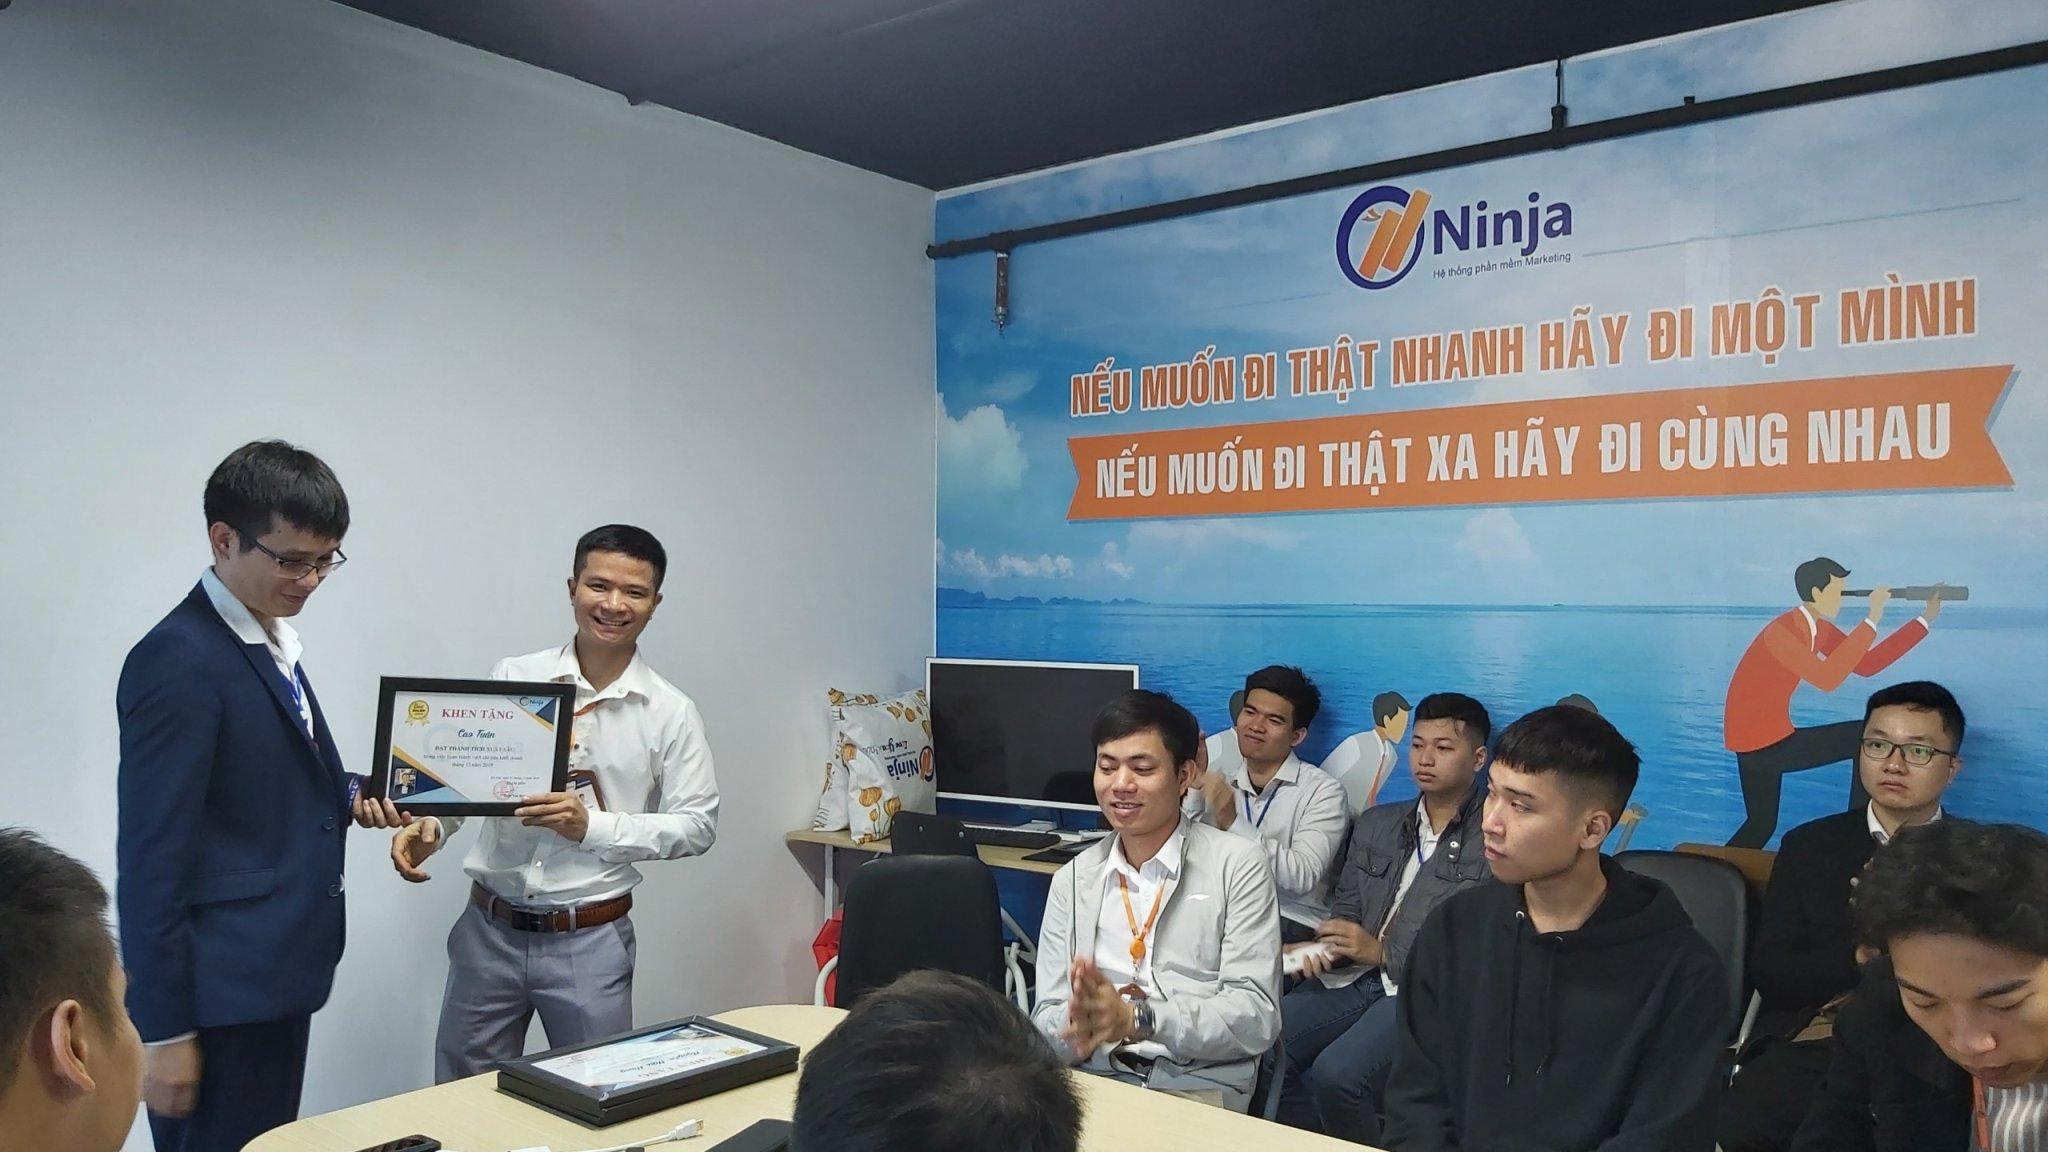 35ffa58d92c86a9633d9 Phần mềm Ninja: Vinh danh Nhân viên xuất sắc tháng 12.2019